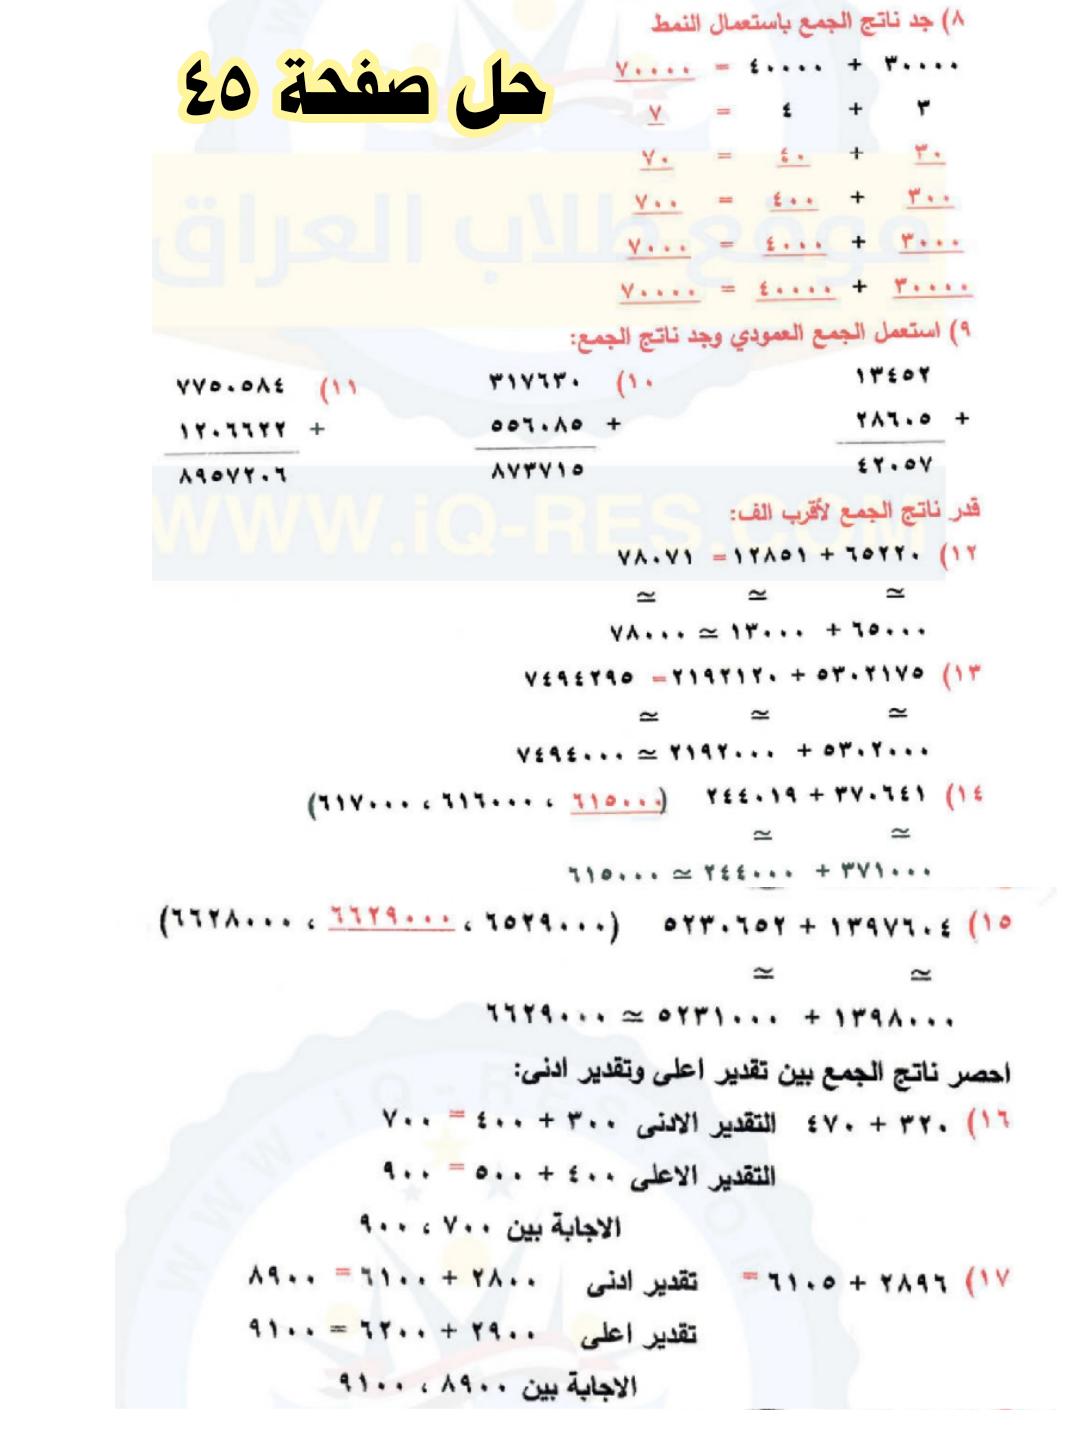 حلول رابع ابتدائي رياضيات